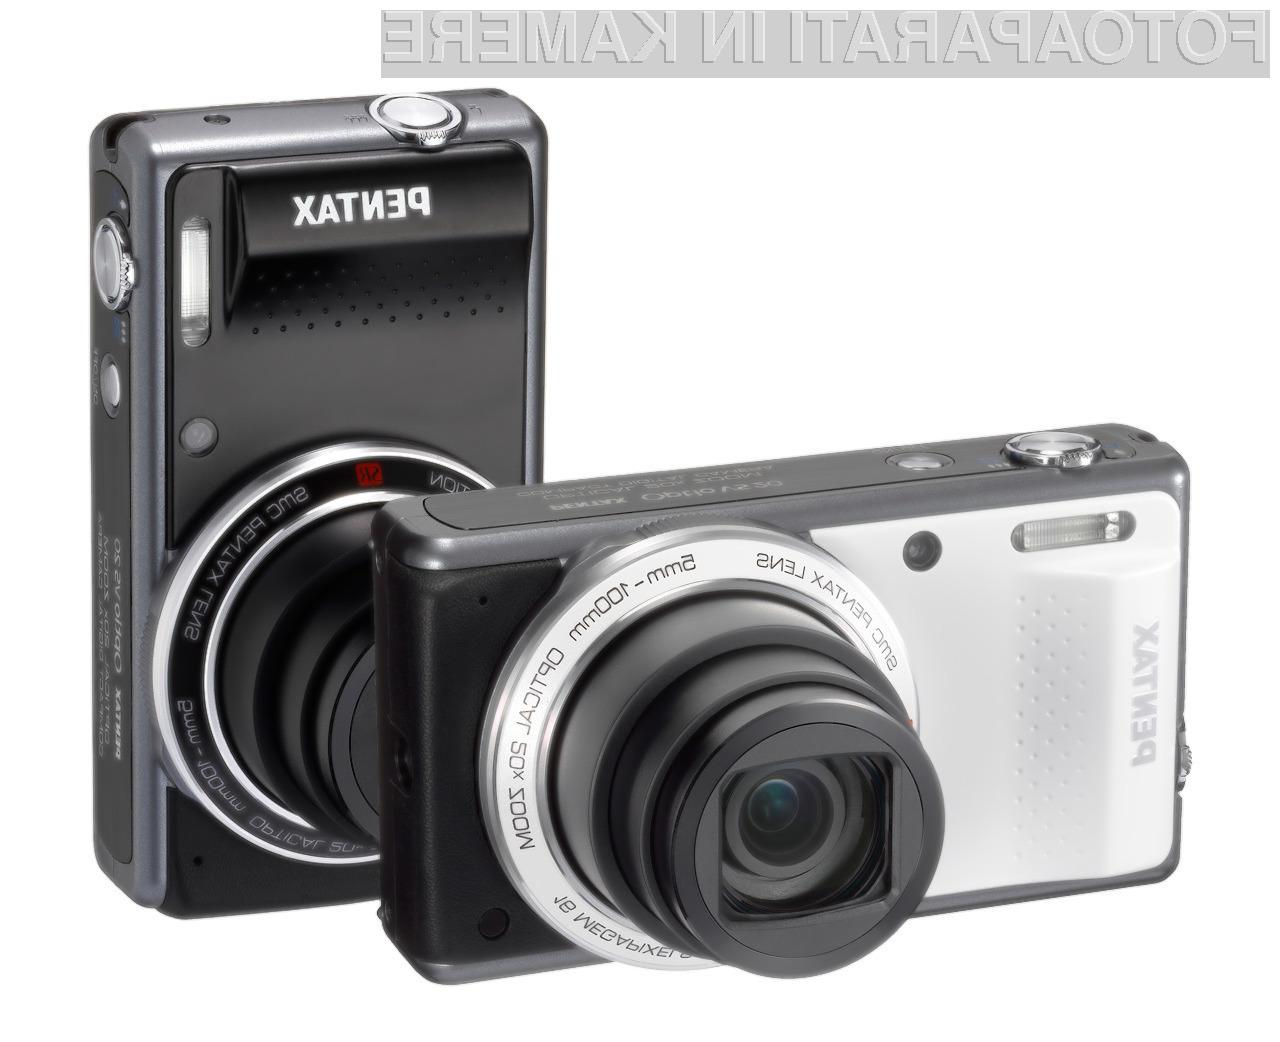 Pentaxov Optio VS20 se lahko pohvali z 20x optično povezavo ter slikovnim senzorjem resolucije 16 milijonov slikovnih točk.